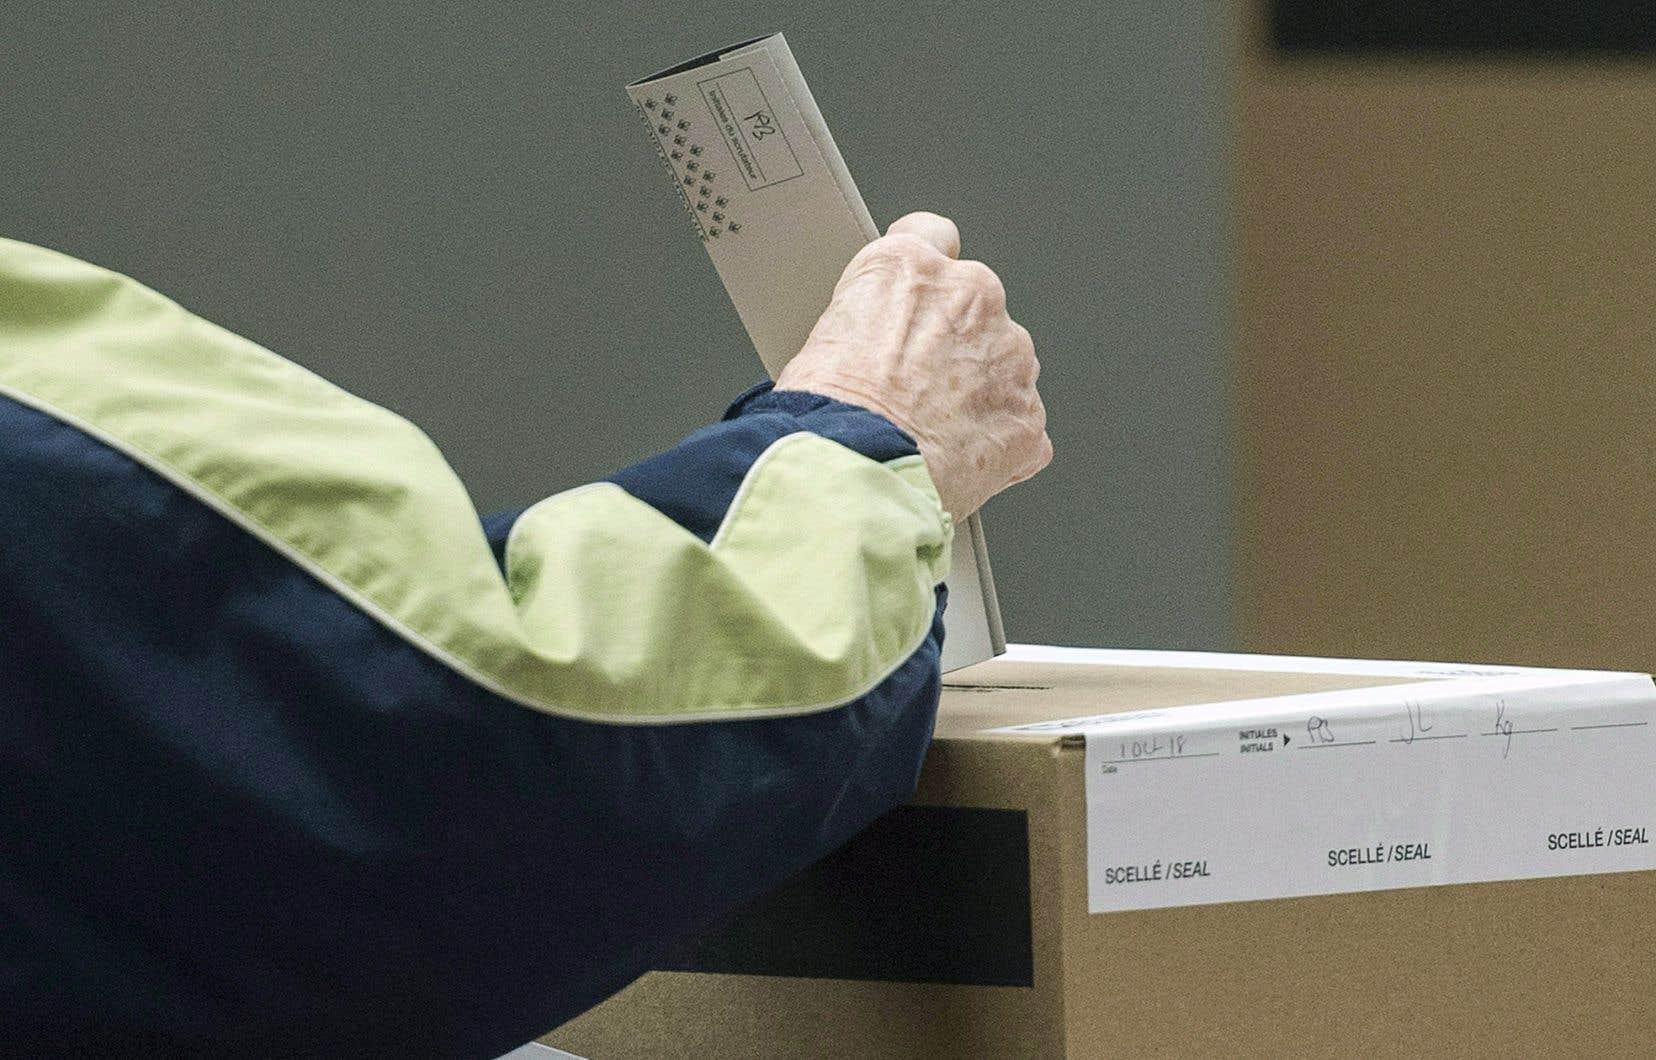 «Pour permettre une meilleure représentation féminine dans la sphère politique, les mesures ne doivent pas viser simplement le nombre de candidates aux élections», affirme l'autrice.